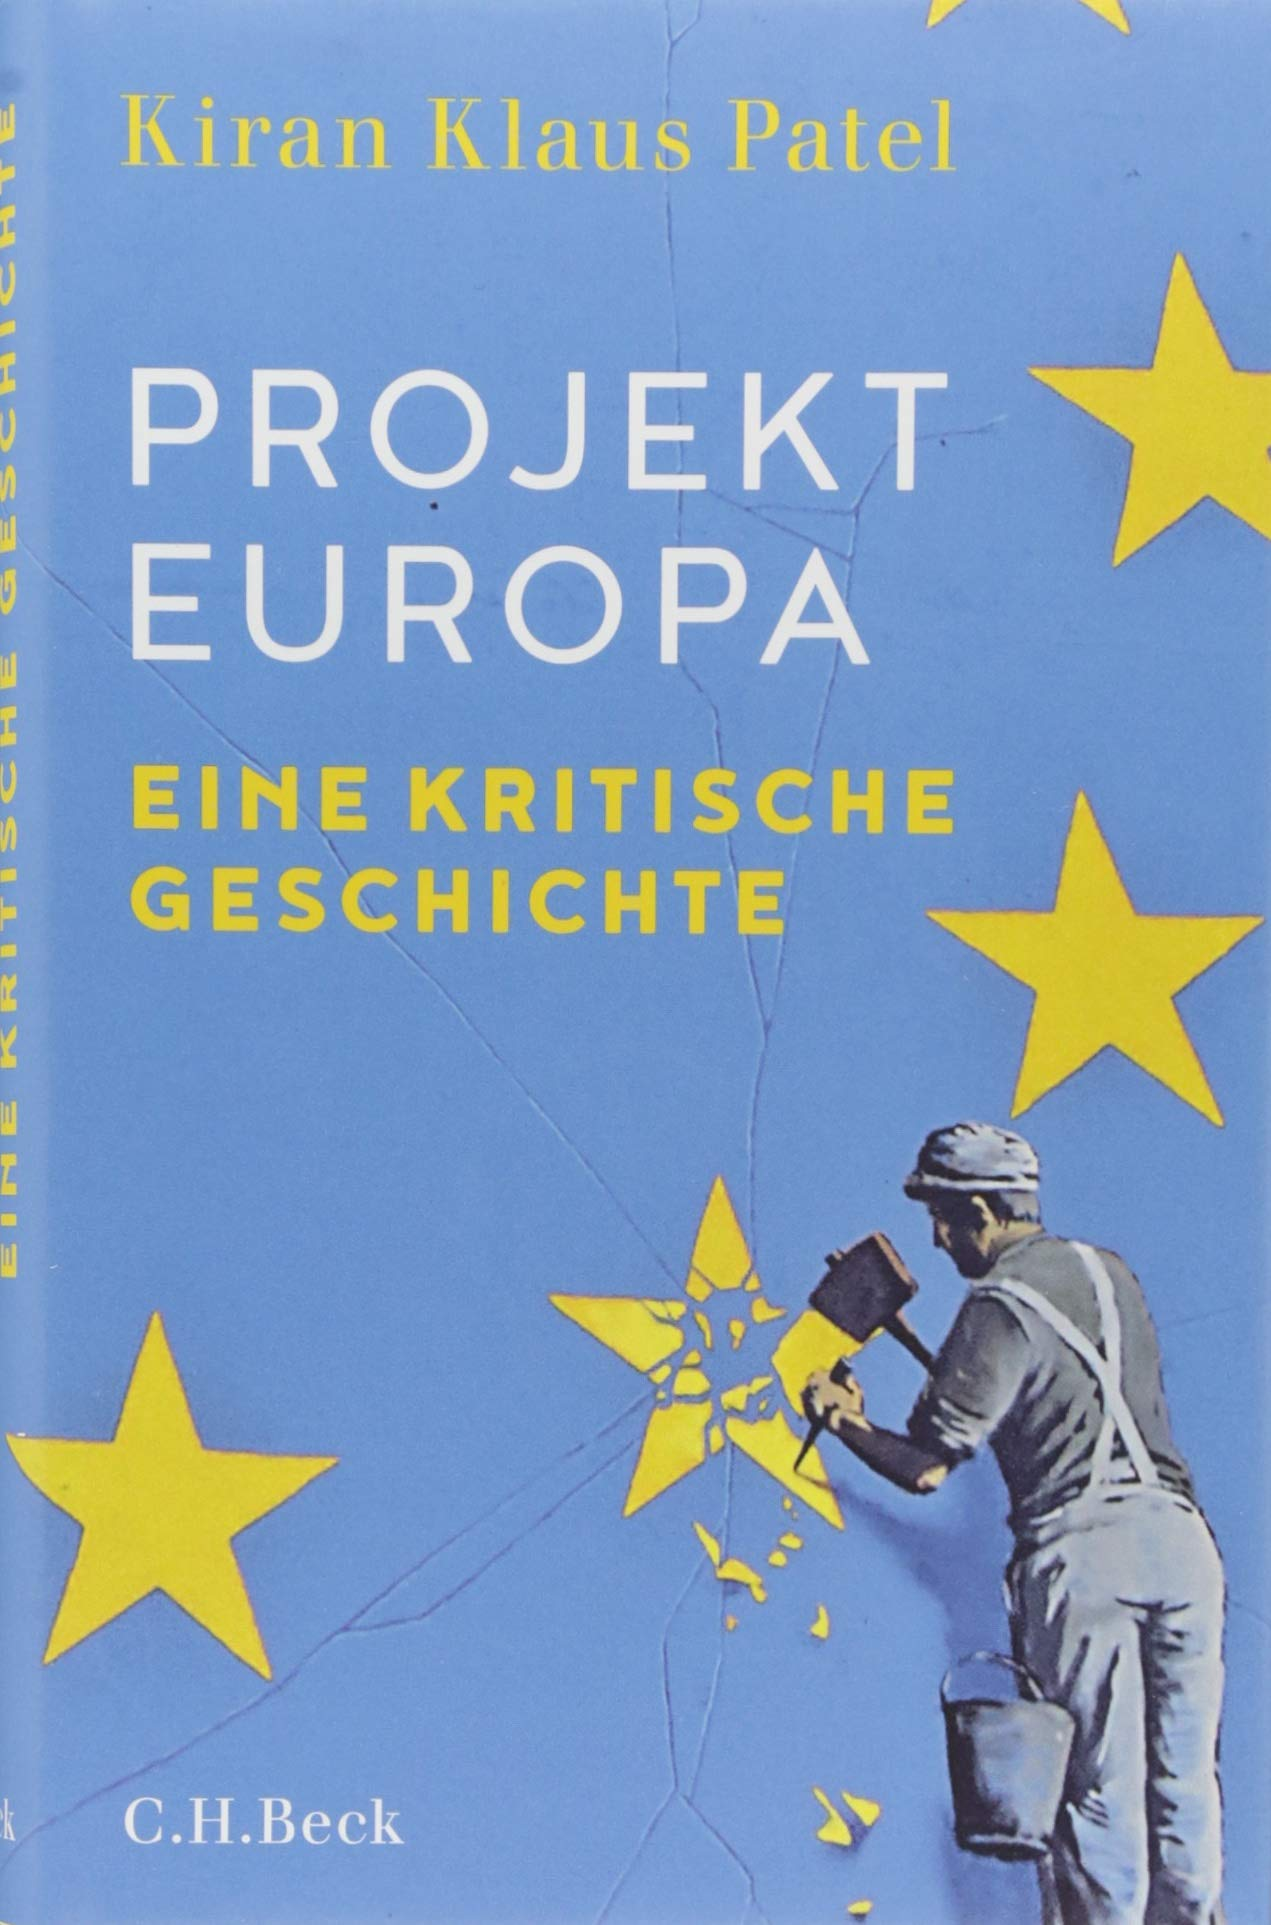 Projekt Europa: Eine kritische Geschichte